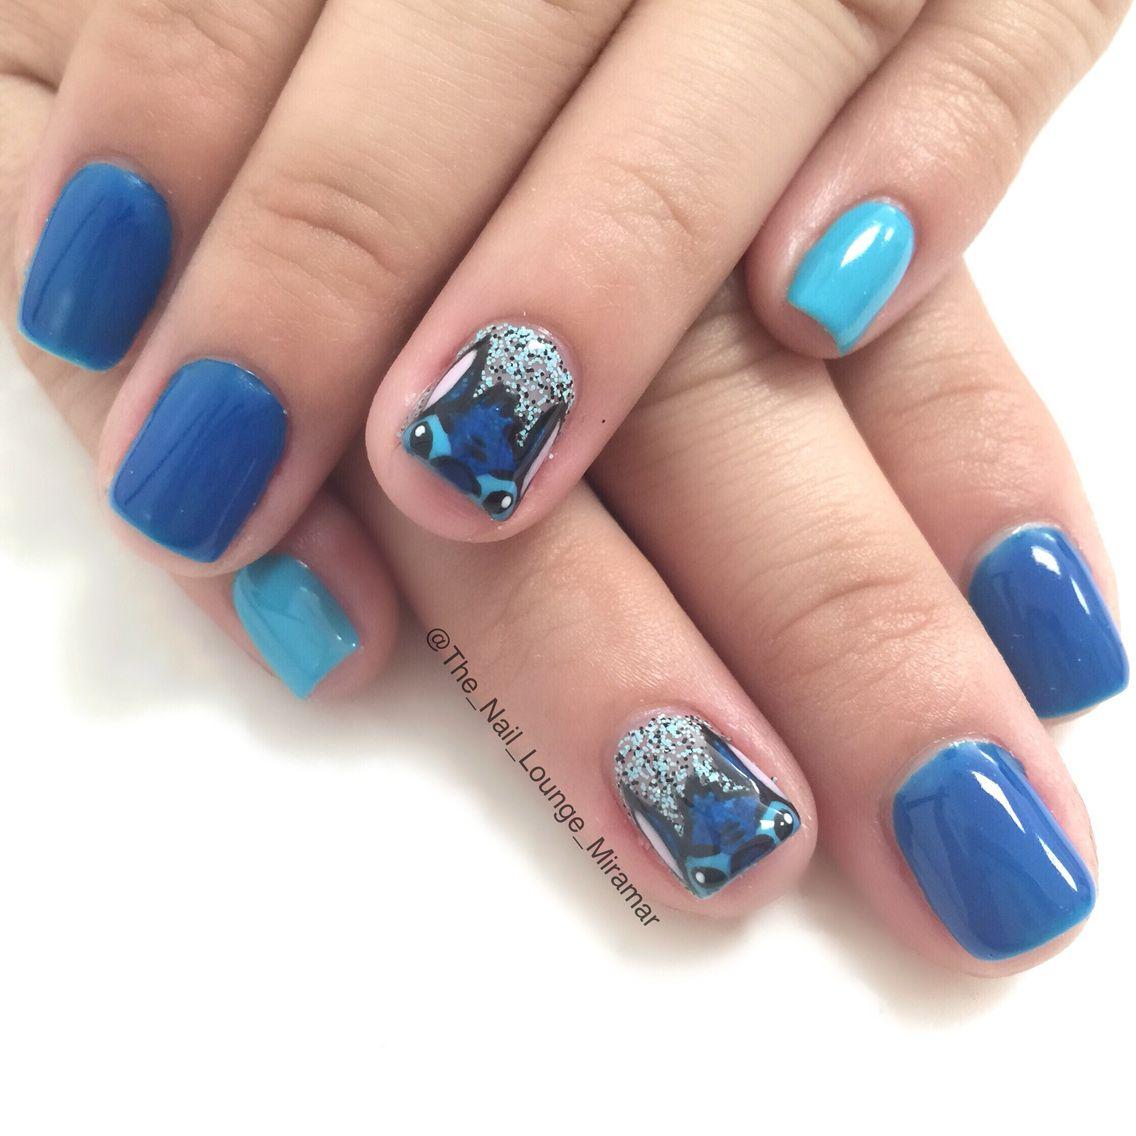 lilo and stitch nail art design